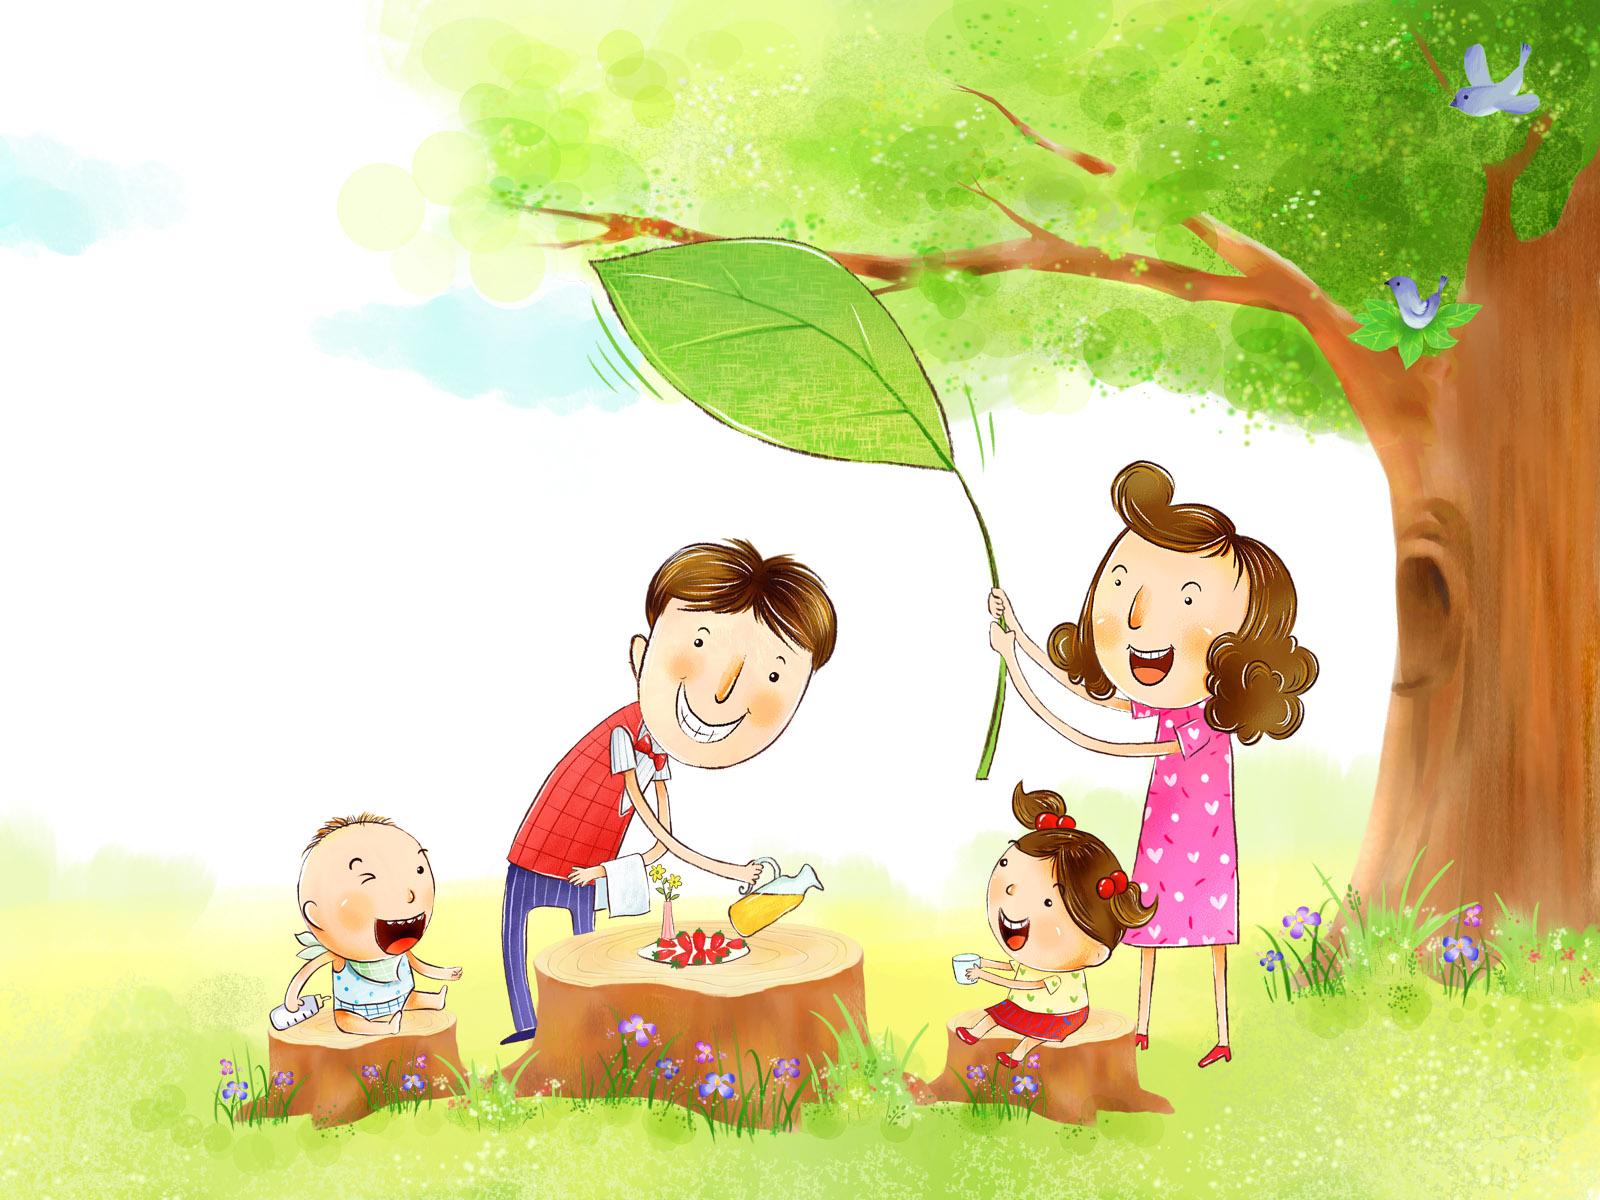 壁纸1600×1200幸福家庭 2 15壁纸 幸福家庭壁纸图片矢量